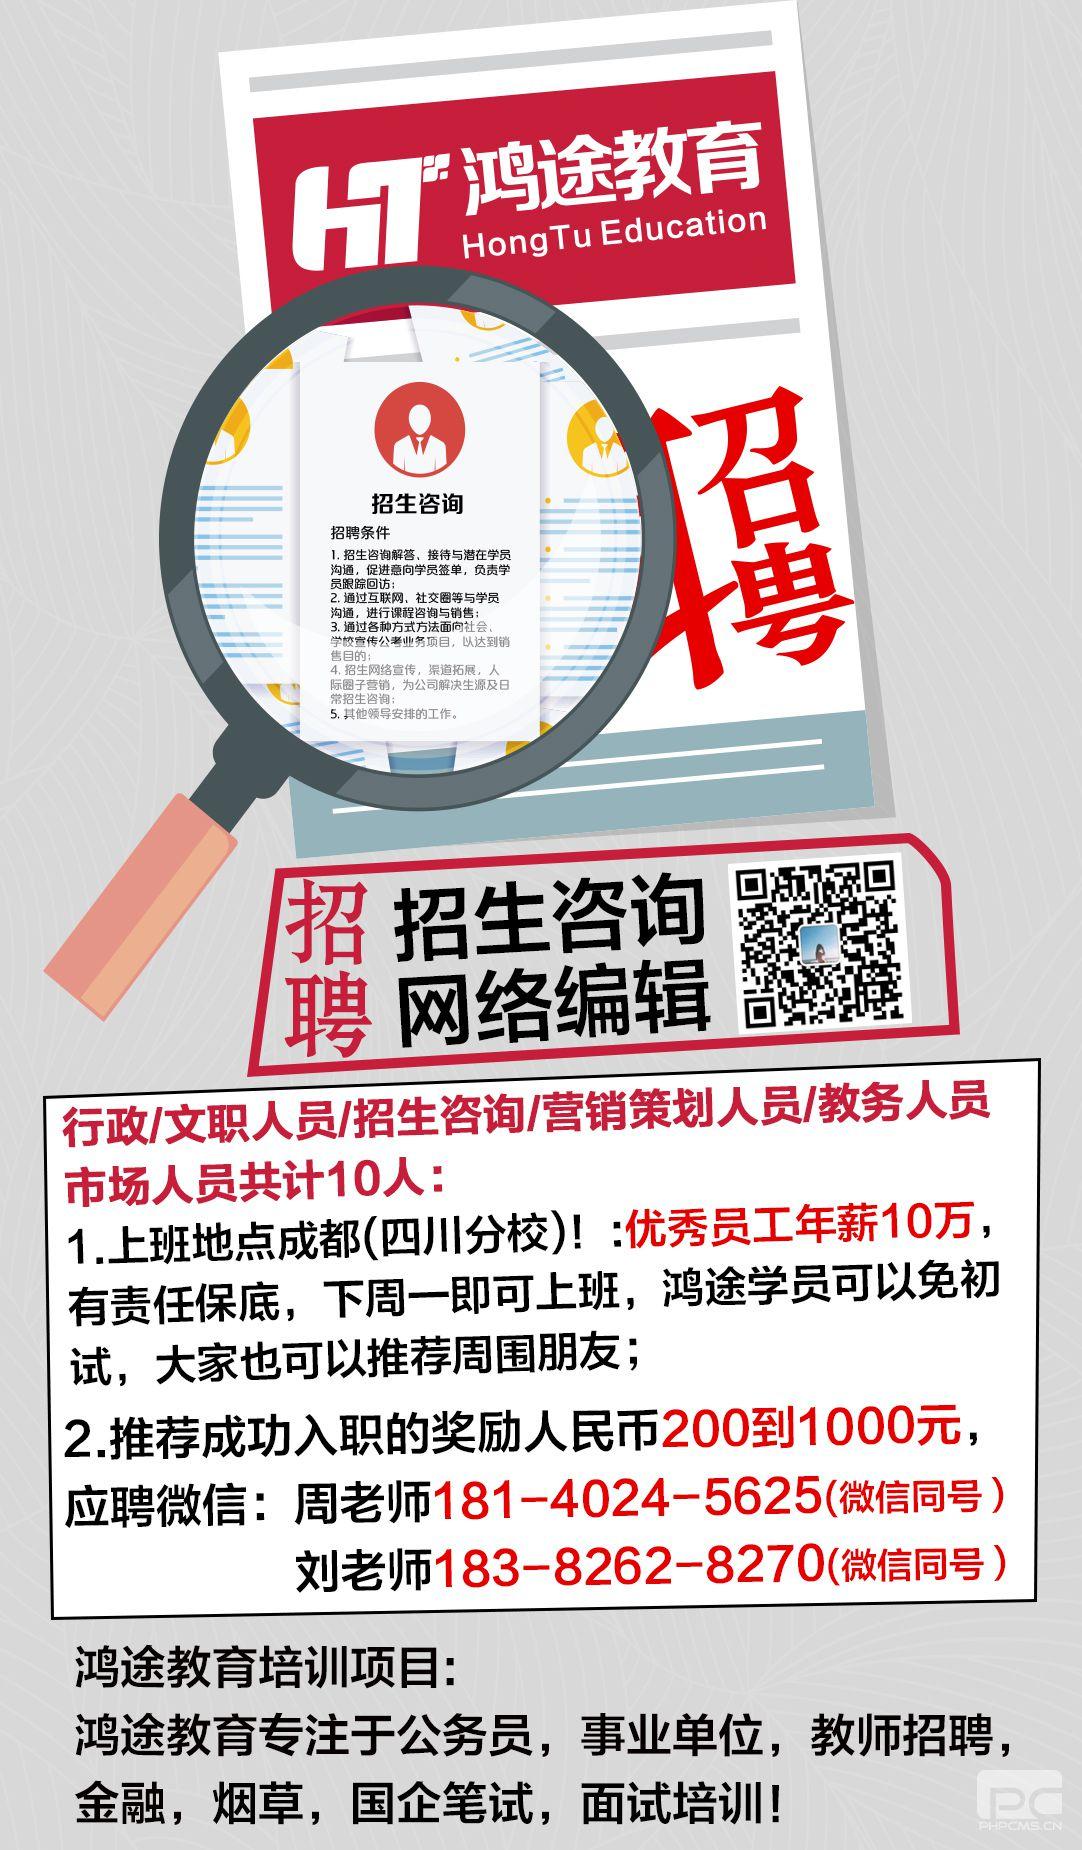 【招聘】年薪100000!鸿途教育四川分校因业务需要招聘